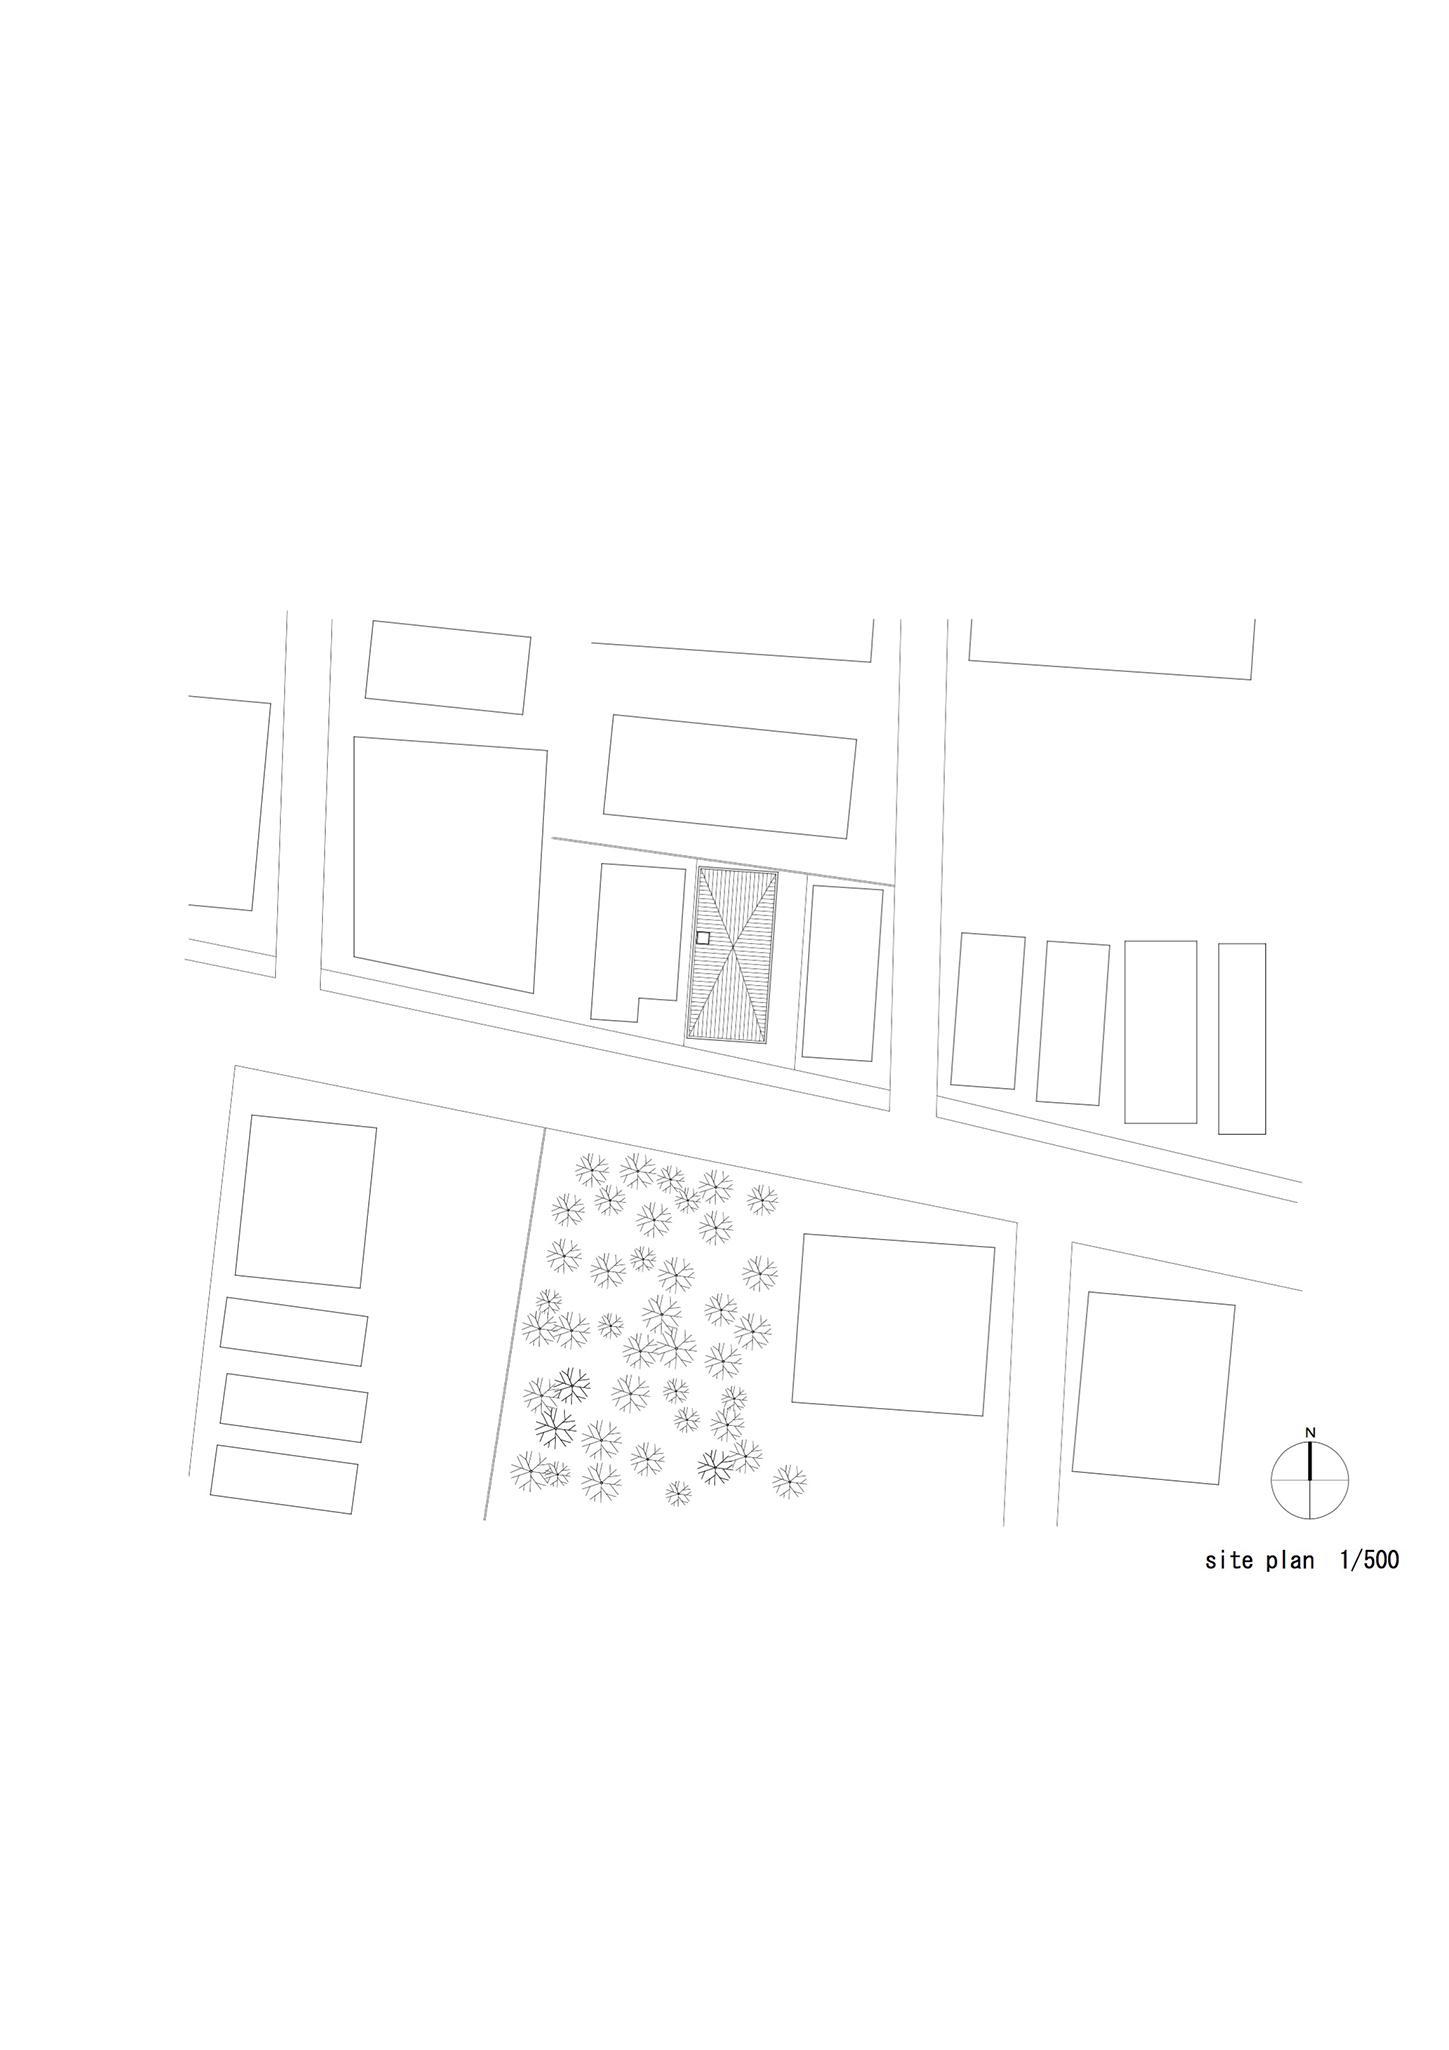 architect office names architecture use house architect name hideki iwahori architect office name hideki iwahori architectural aarchitect office hideki